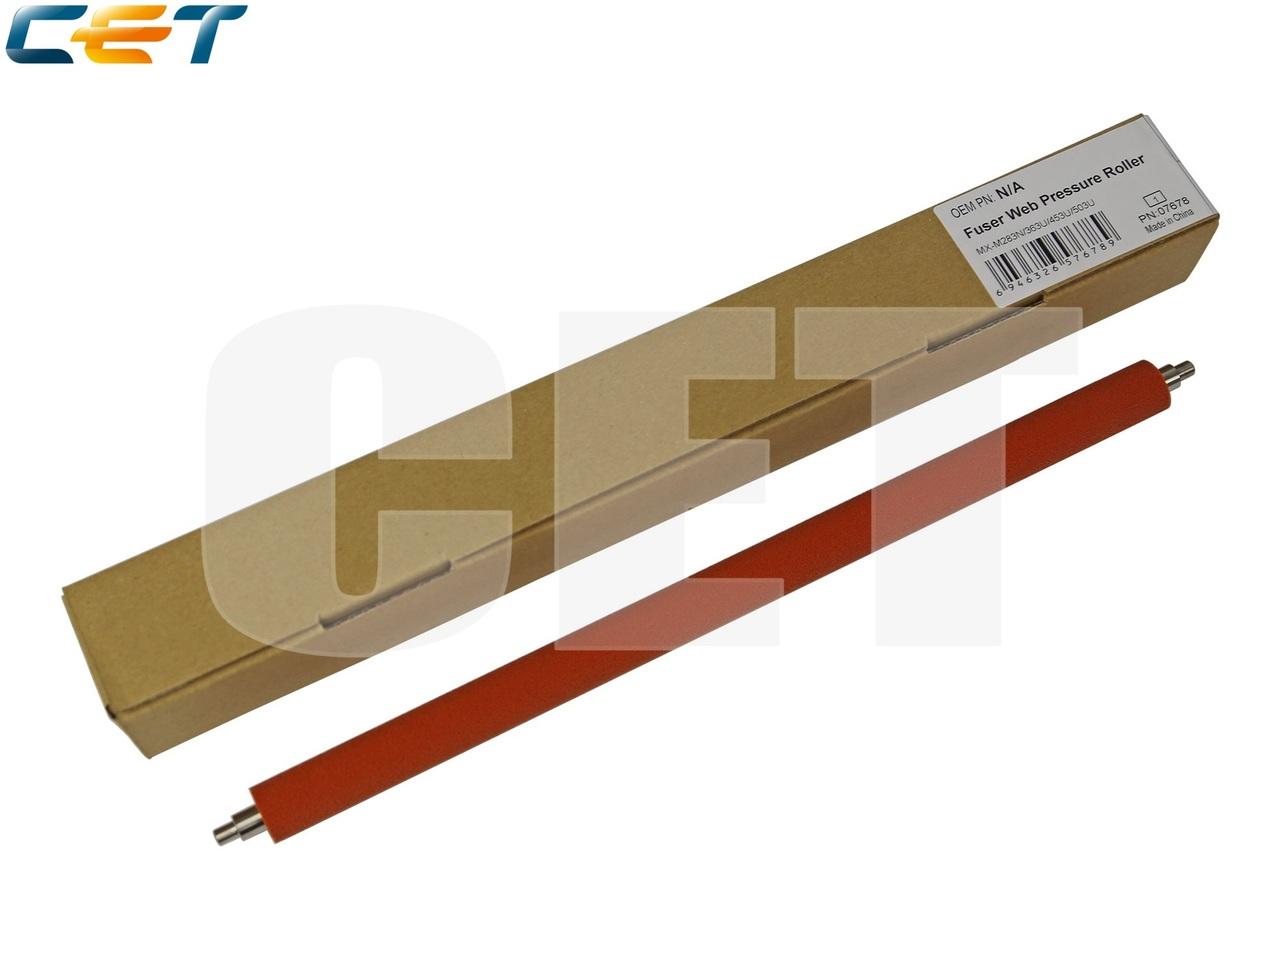 Прижимной вал ленты очистки фьюзера NROLR1836FCZZ дляSHARP MX-M283N/M363U/M453U/M503U (CET), CET7678